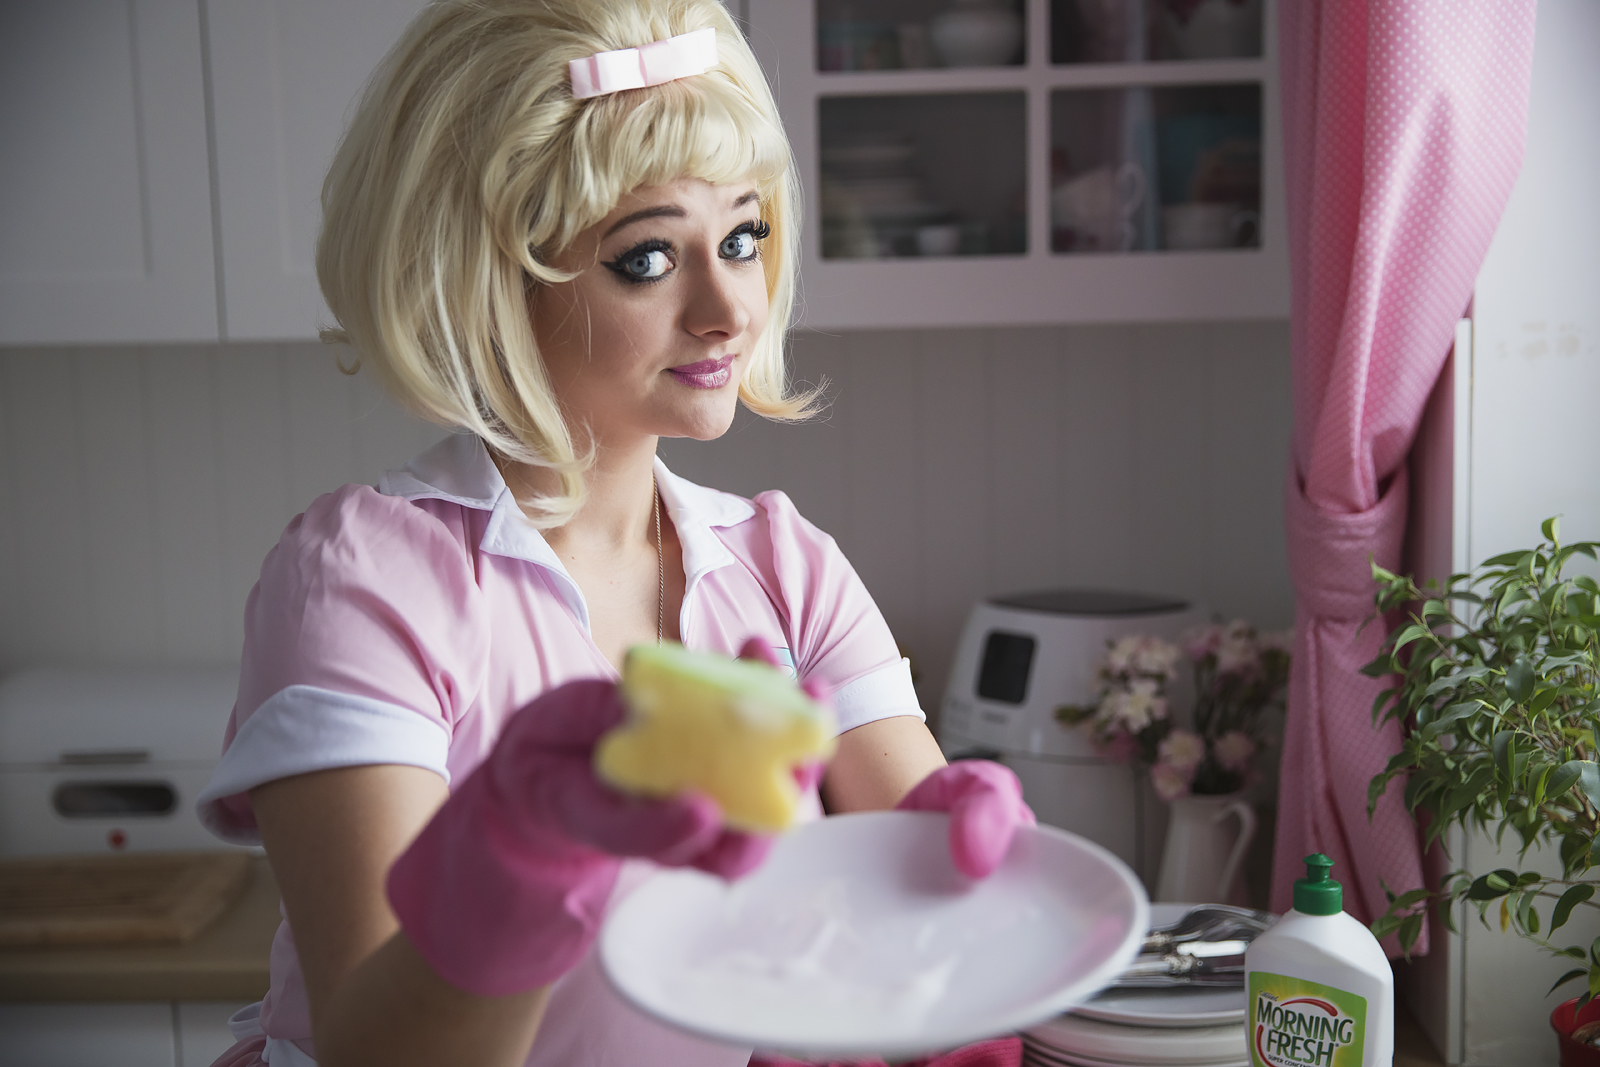 pin-up-girl-retro-blondynka-morning-fresh24